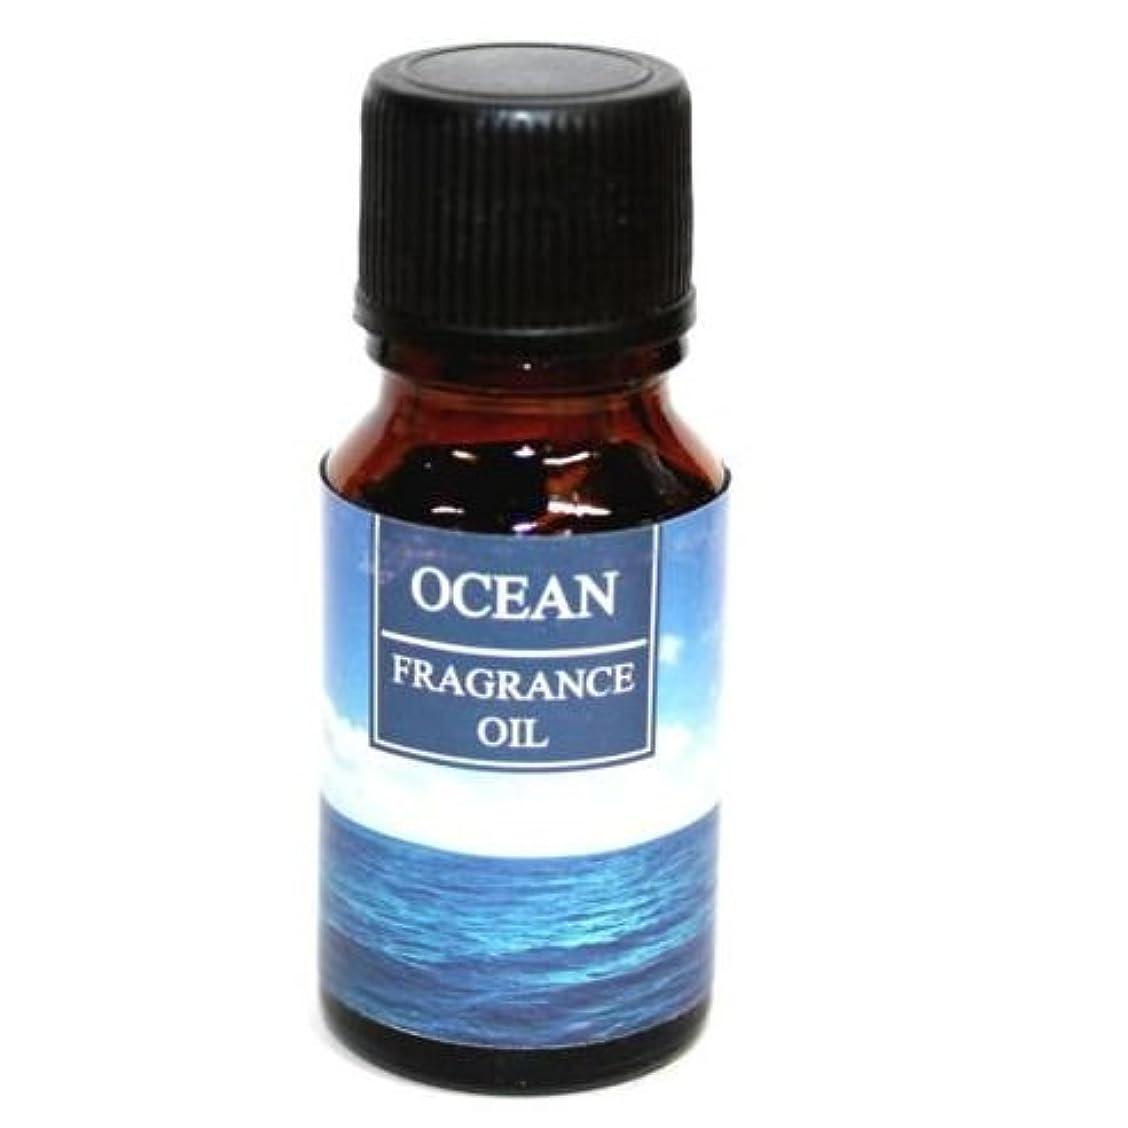 ブラウズ起こりやすい黒人RELAXING アロマオイル AROMA OIL フレグランスオイル OCEAN 海の香り RQ-10